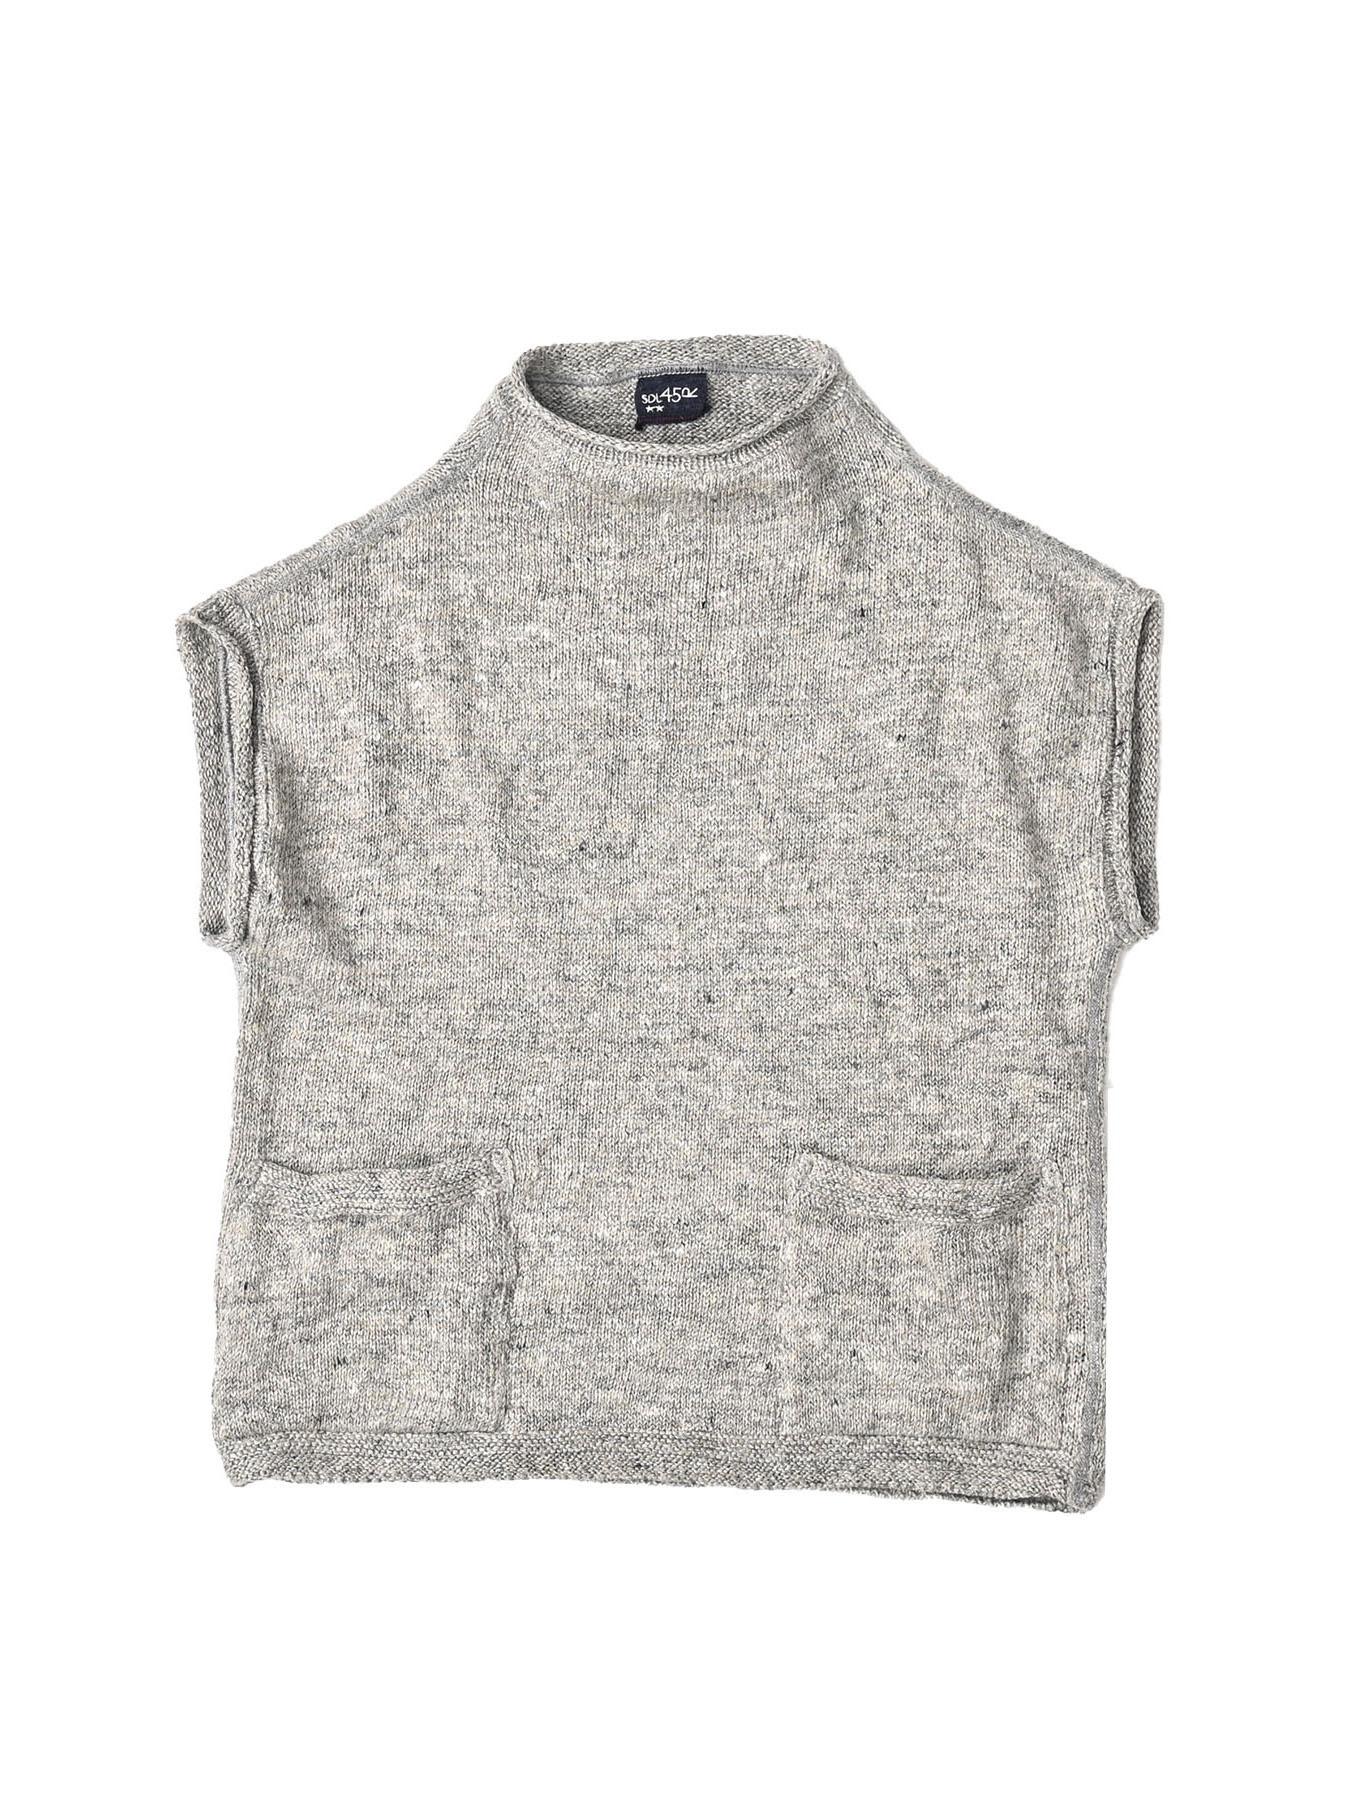 WH Linen Tweed Umahiko 908 Vest (0321)-1